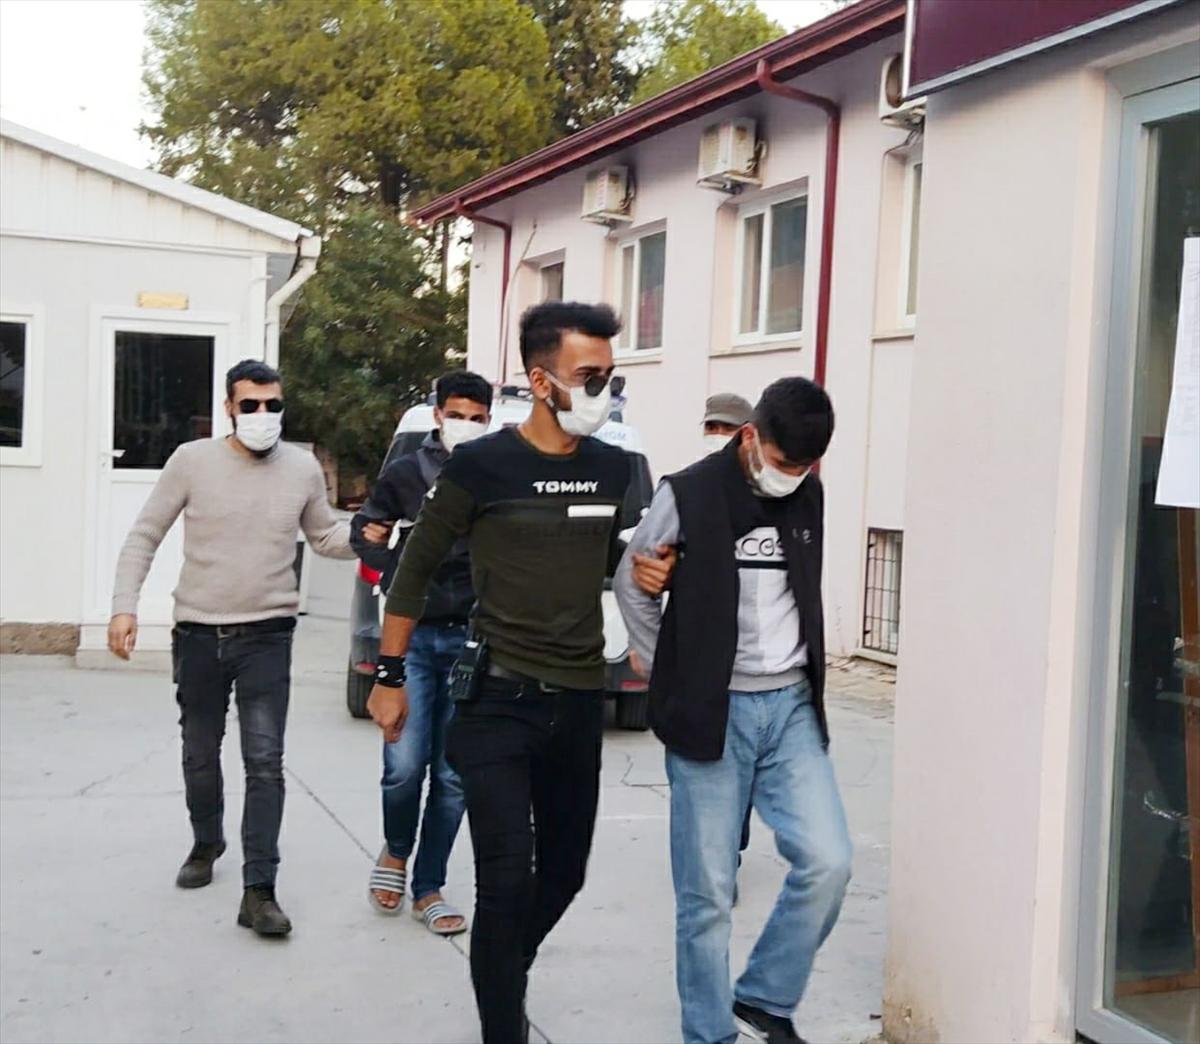 Muğla'da askerin beylik tabancasını çaldıkları iddia edilen iki zanlı İzmir'de yakalandı